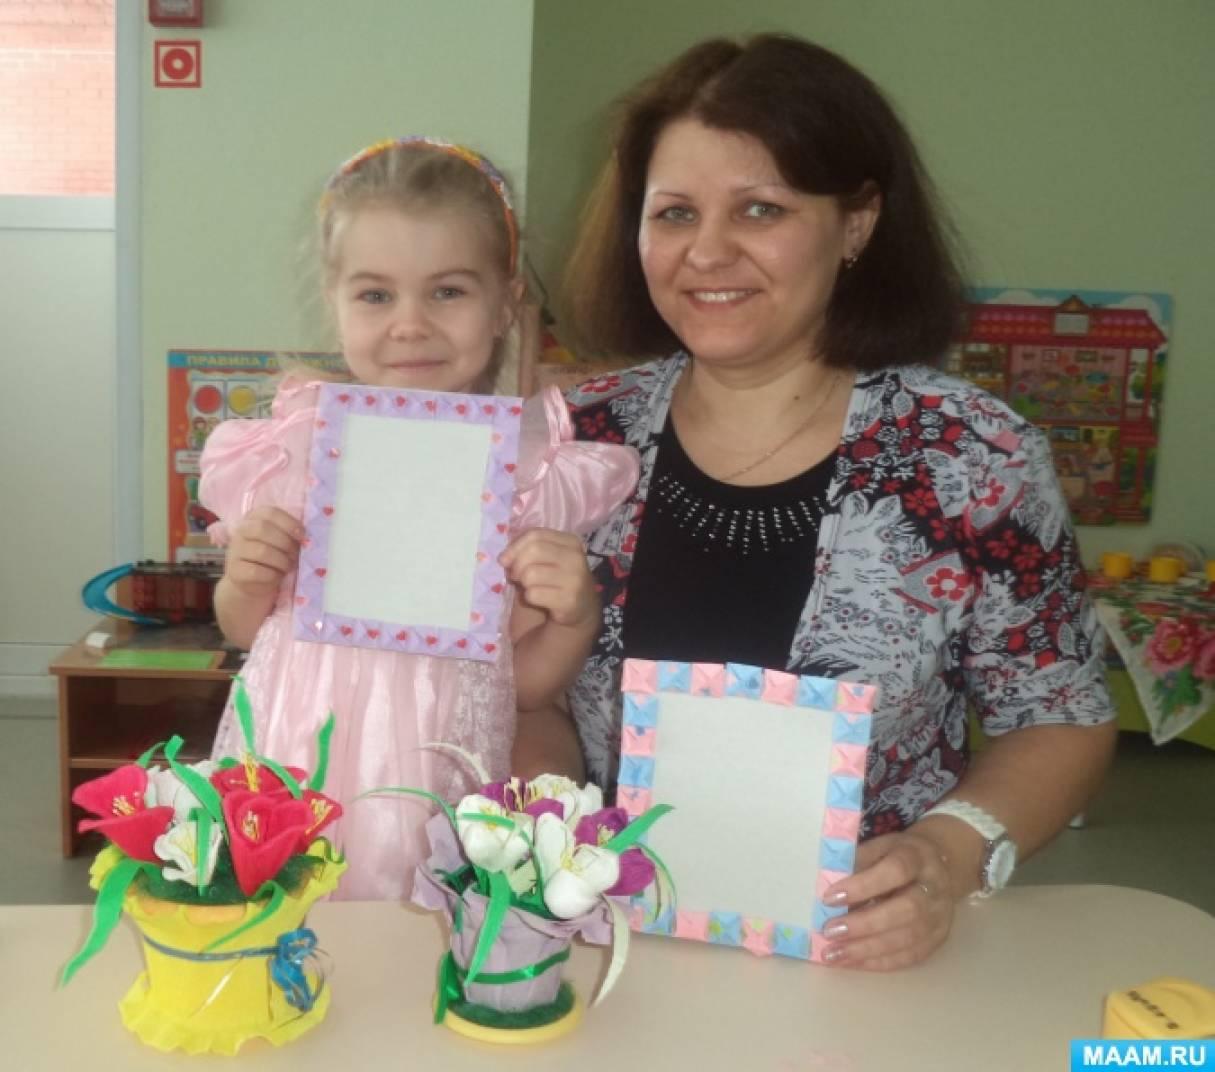 Родителям разрешили посещение детских садов